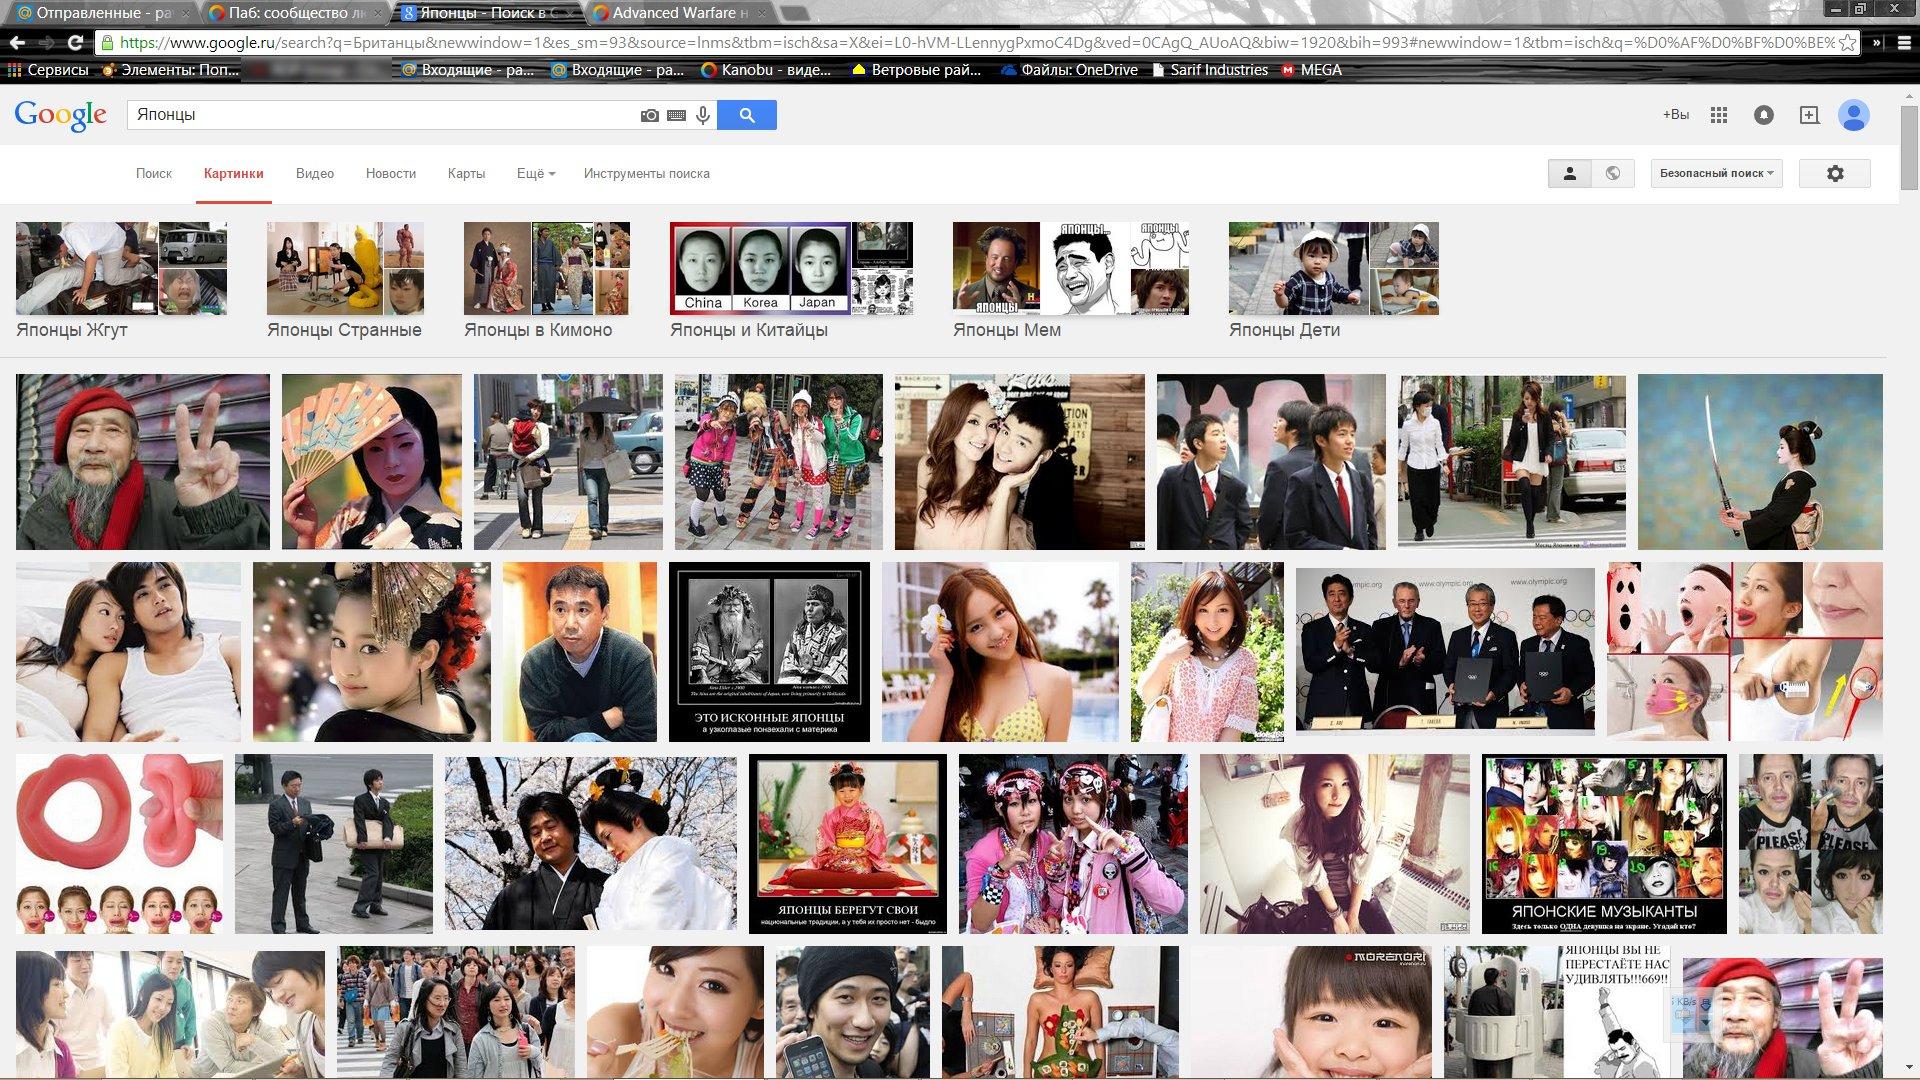 Кто более необычен: японцы или британцы? - Изображение 1